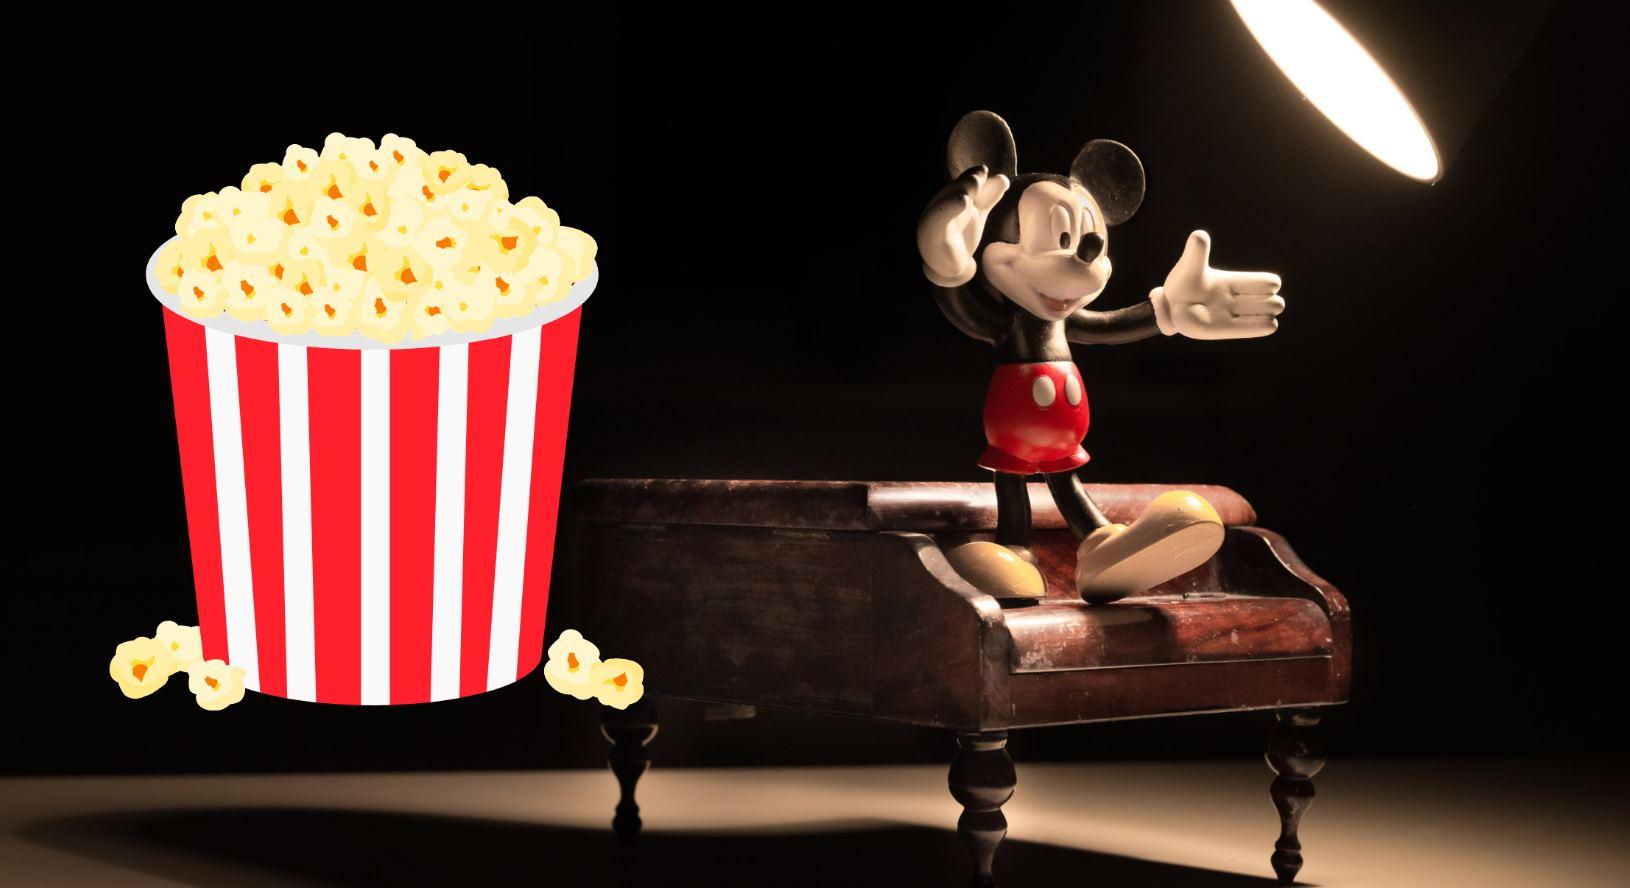 Disney lanzará un nuevo servicio de streaming en 2021 llamado Star